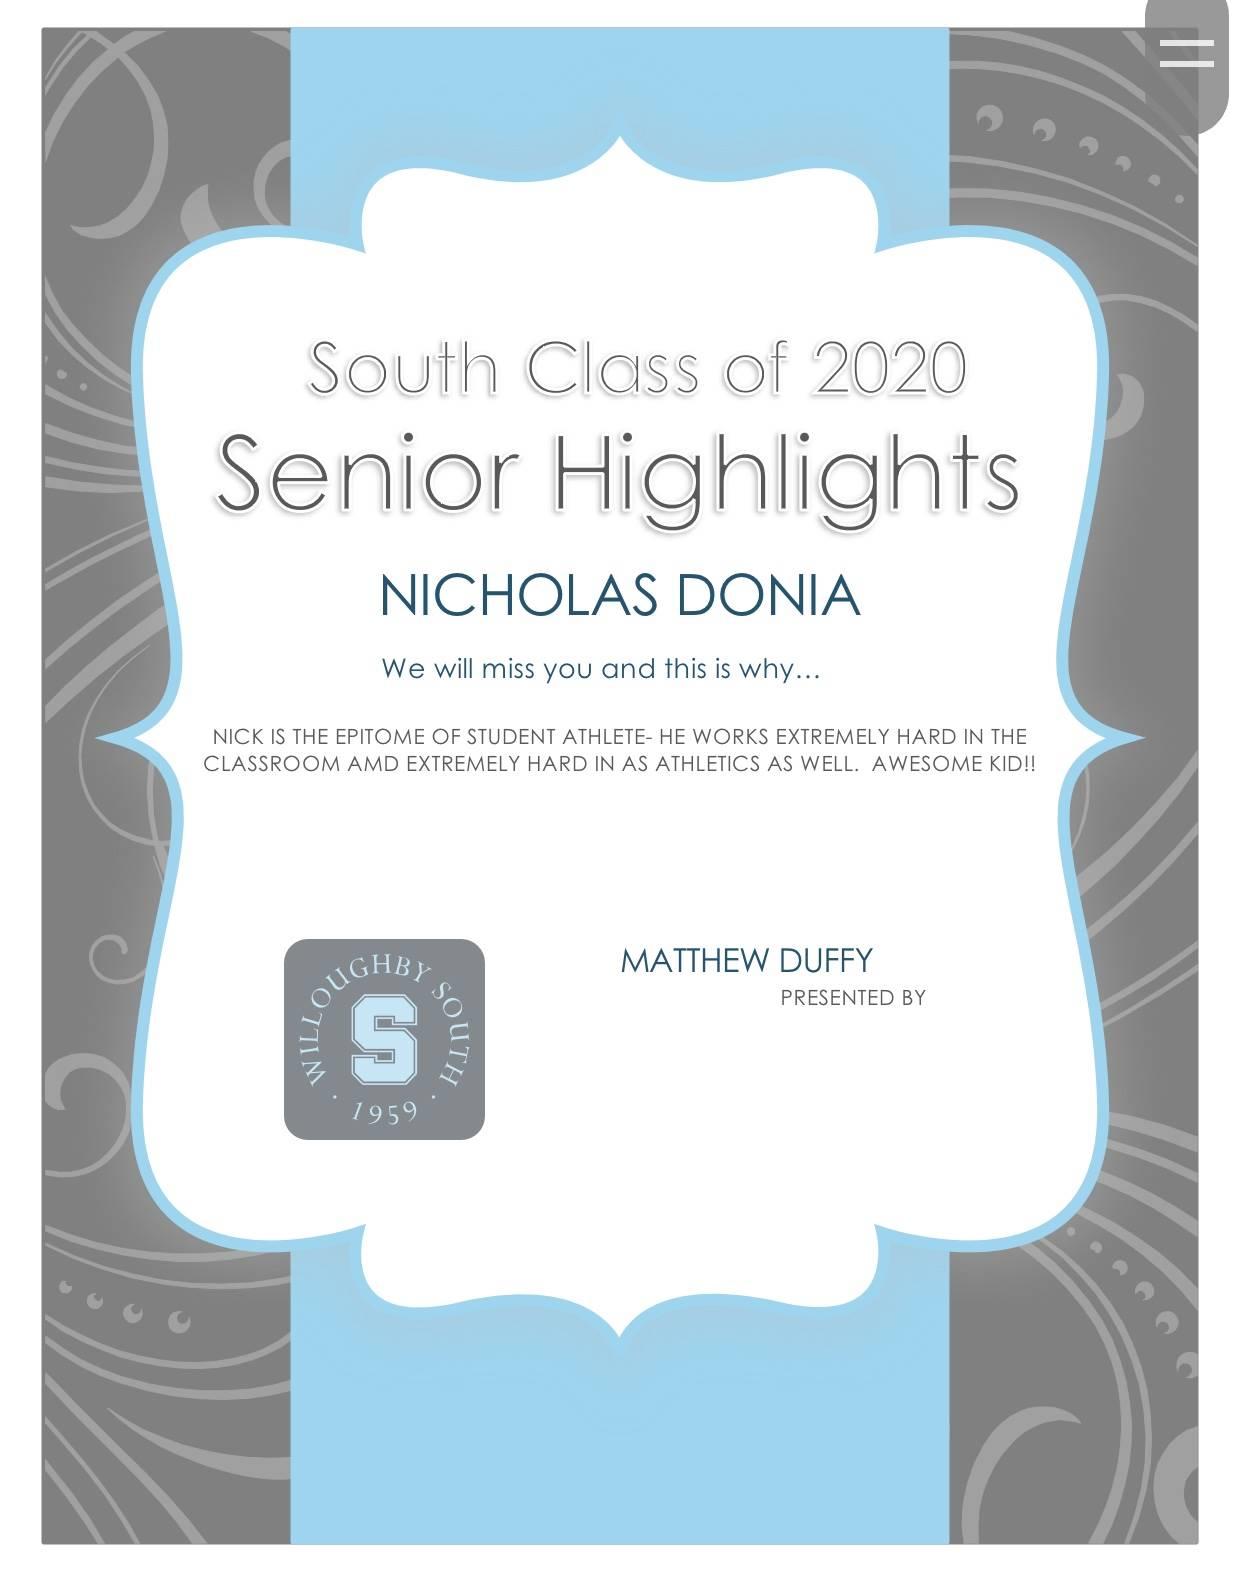 Nicholas Donia